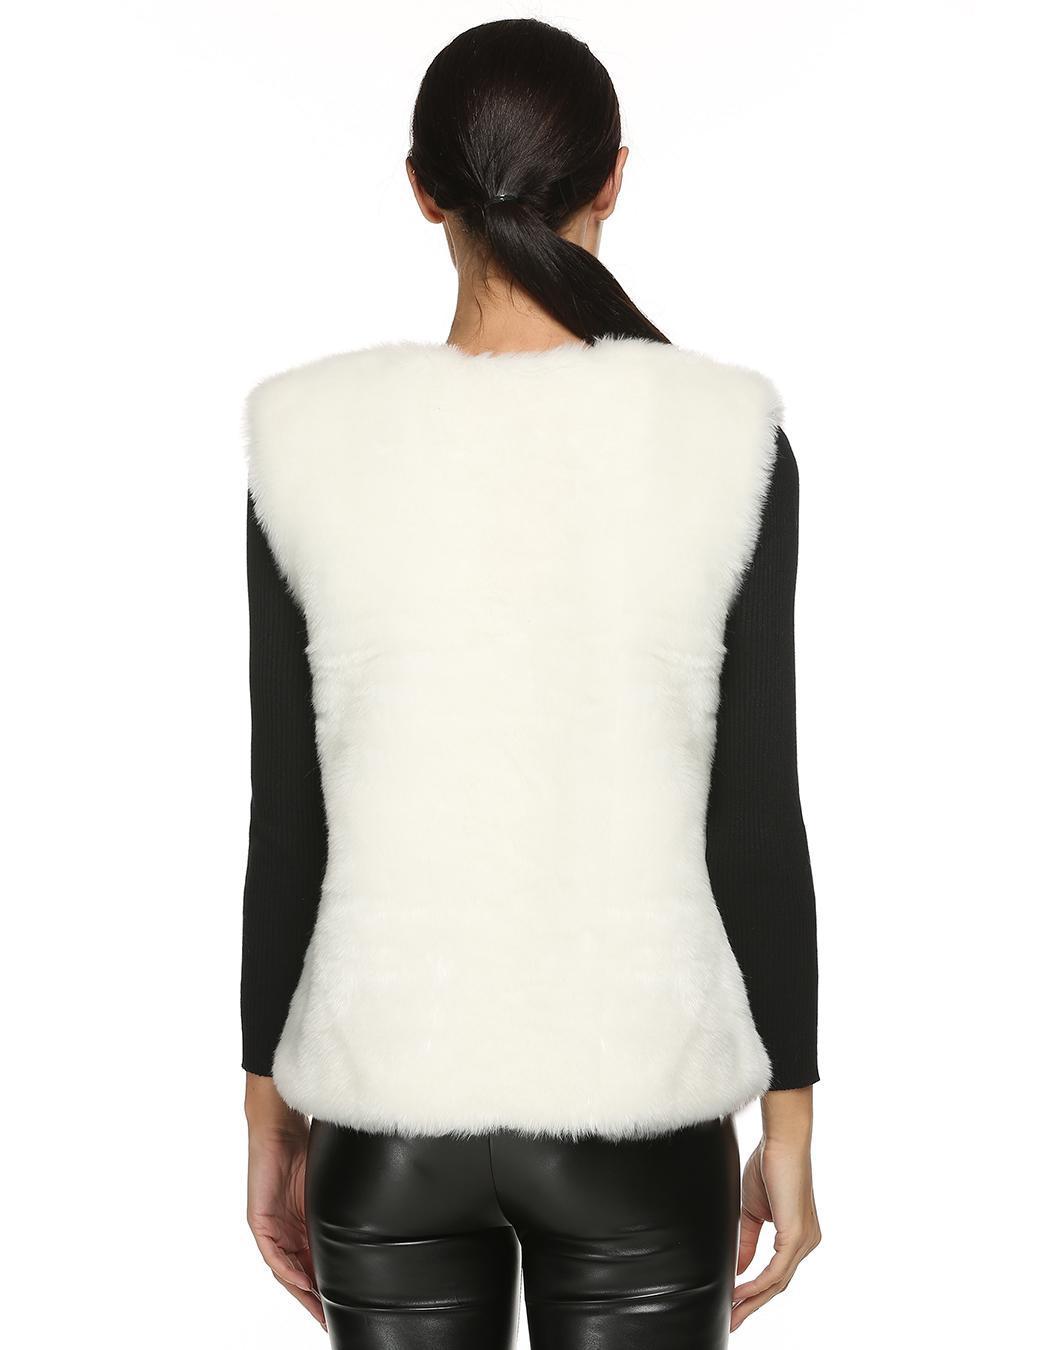 Women Sleeveless Casual Faux Fur Vest Warm Coat 4